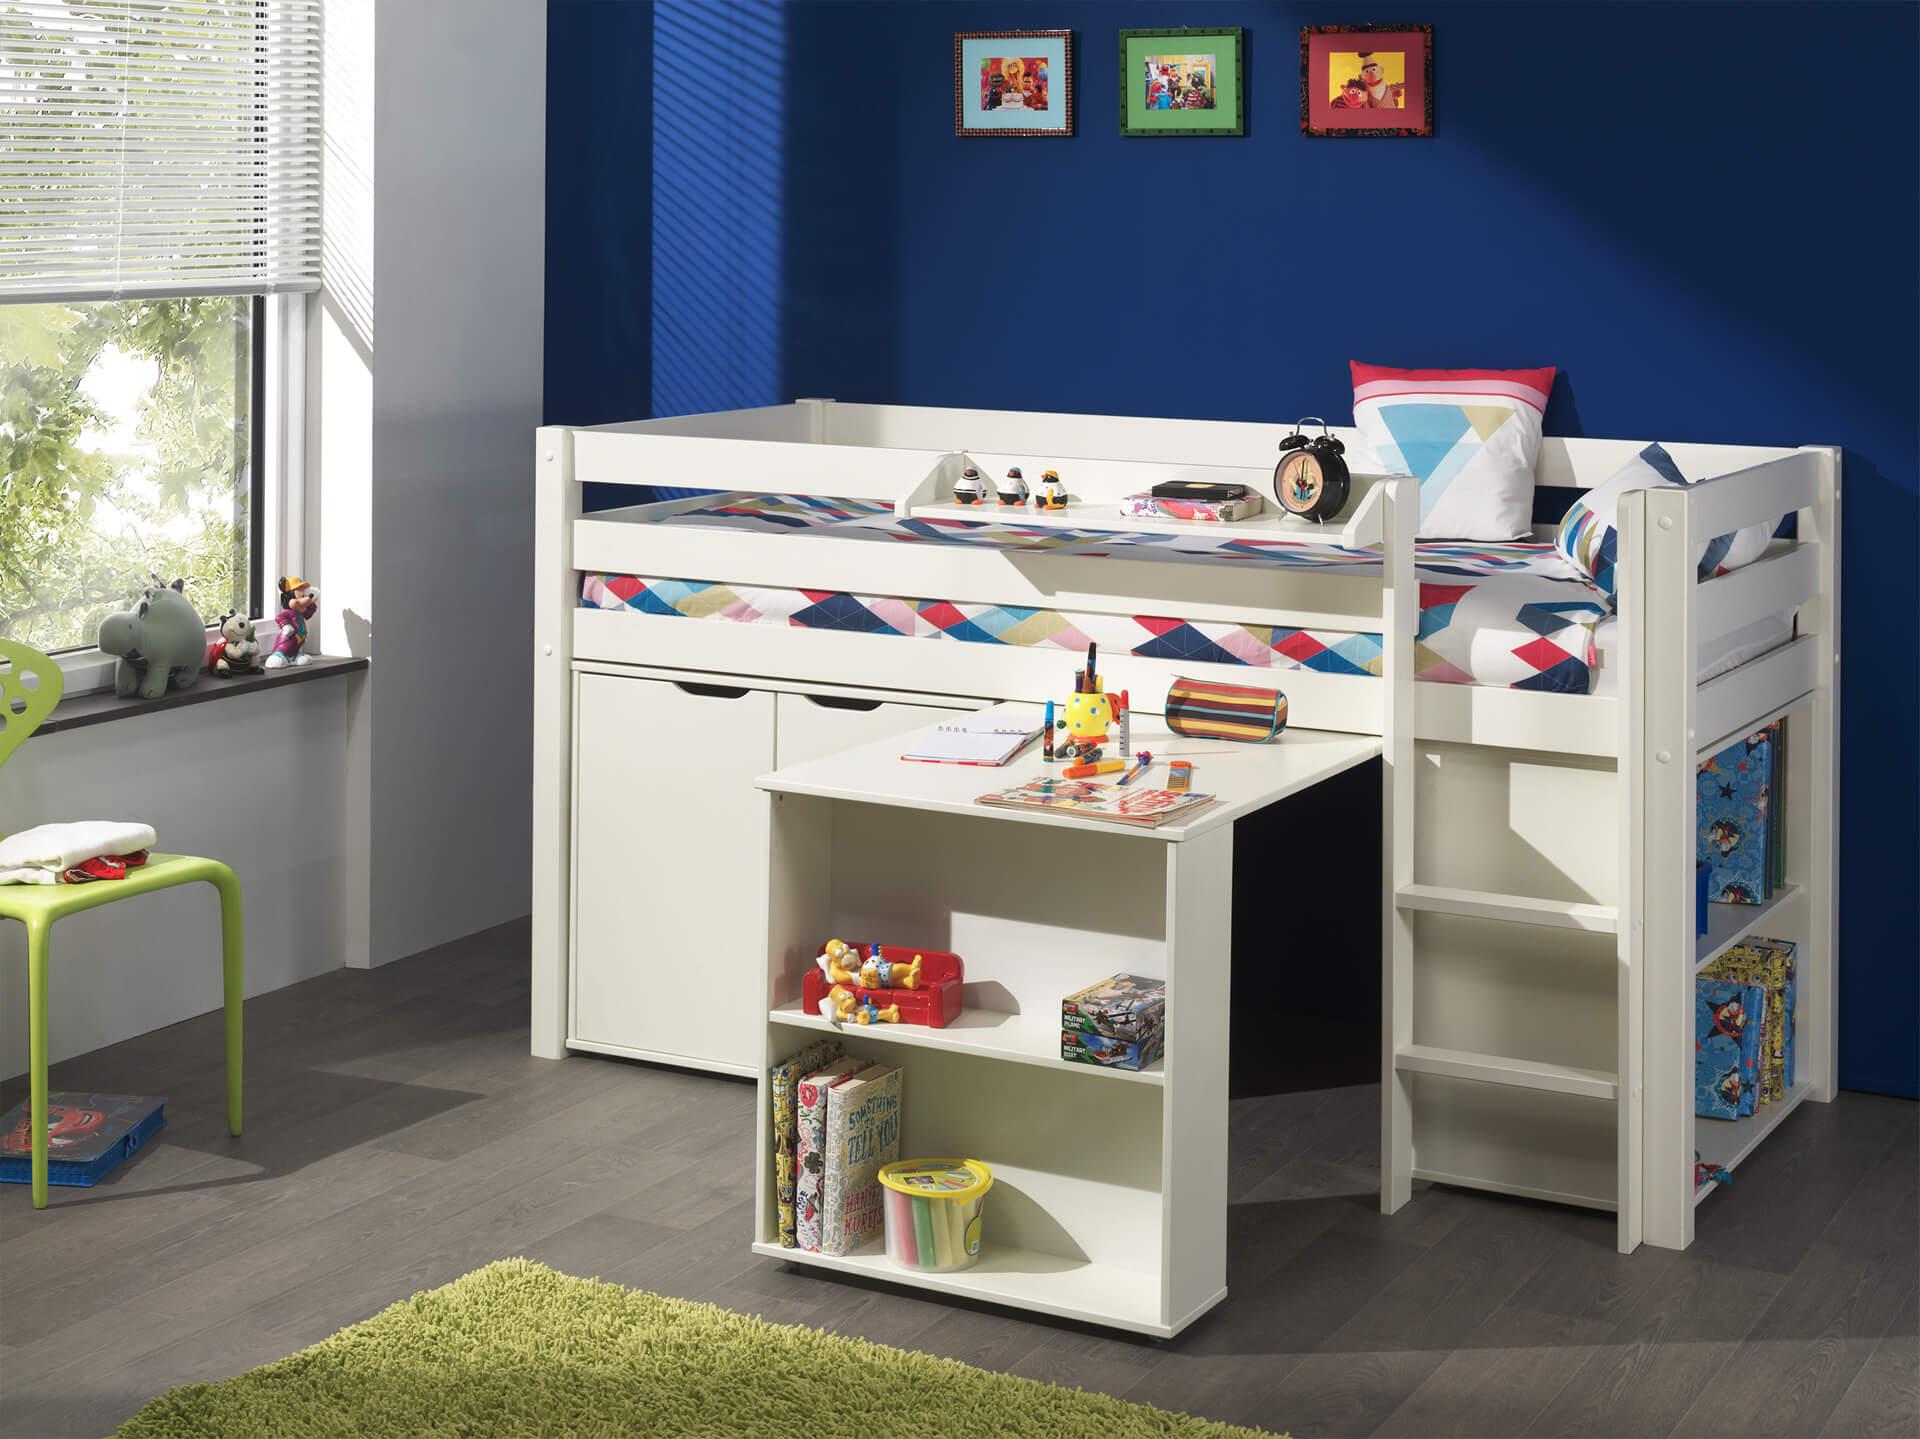 ein kinderzimmer gestalten und richtig einrichten kinderzeugs. Black Bedroom Furniture Sets. Home Design Ideas